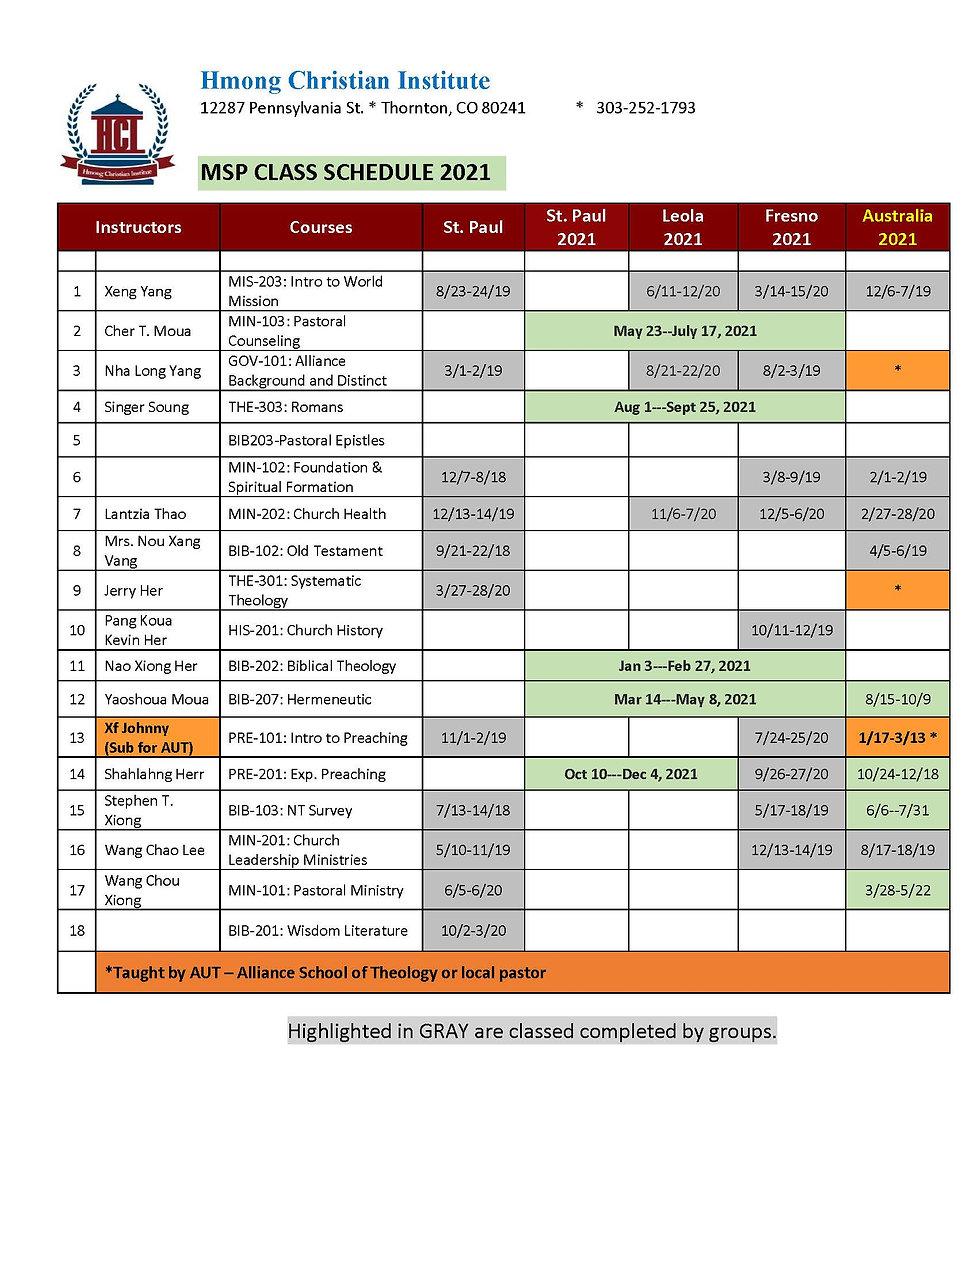 MSP Schedule (Online 2021-).jpg